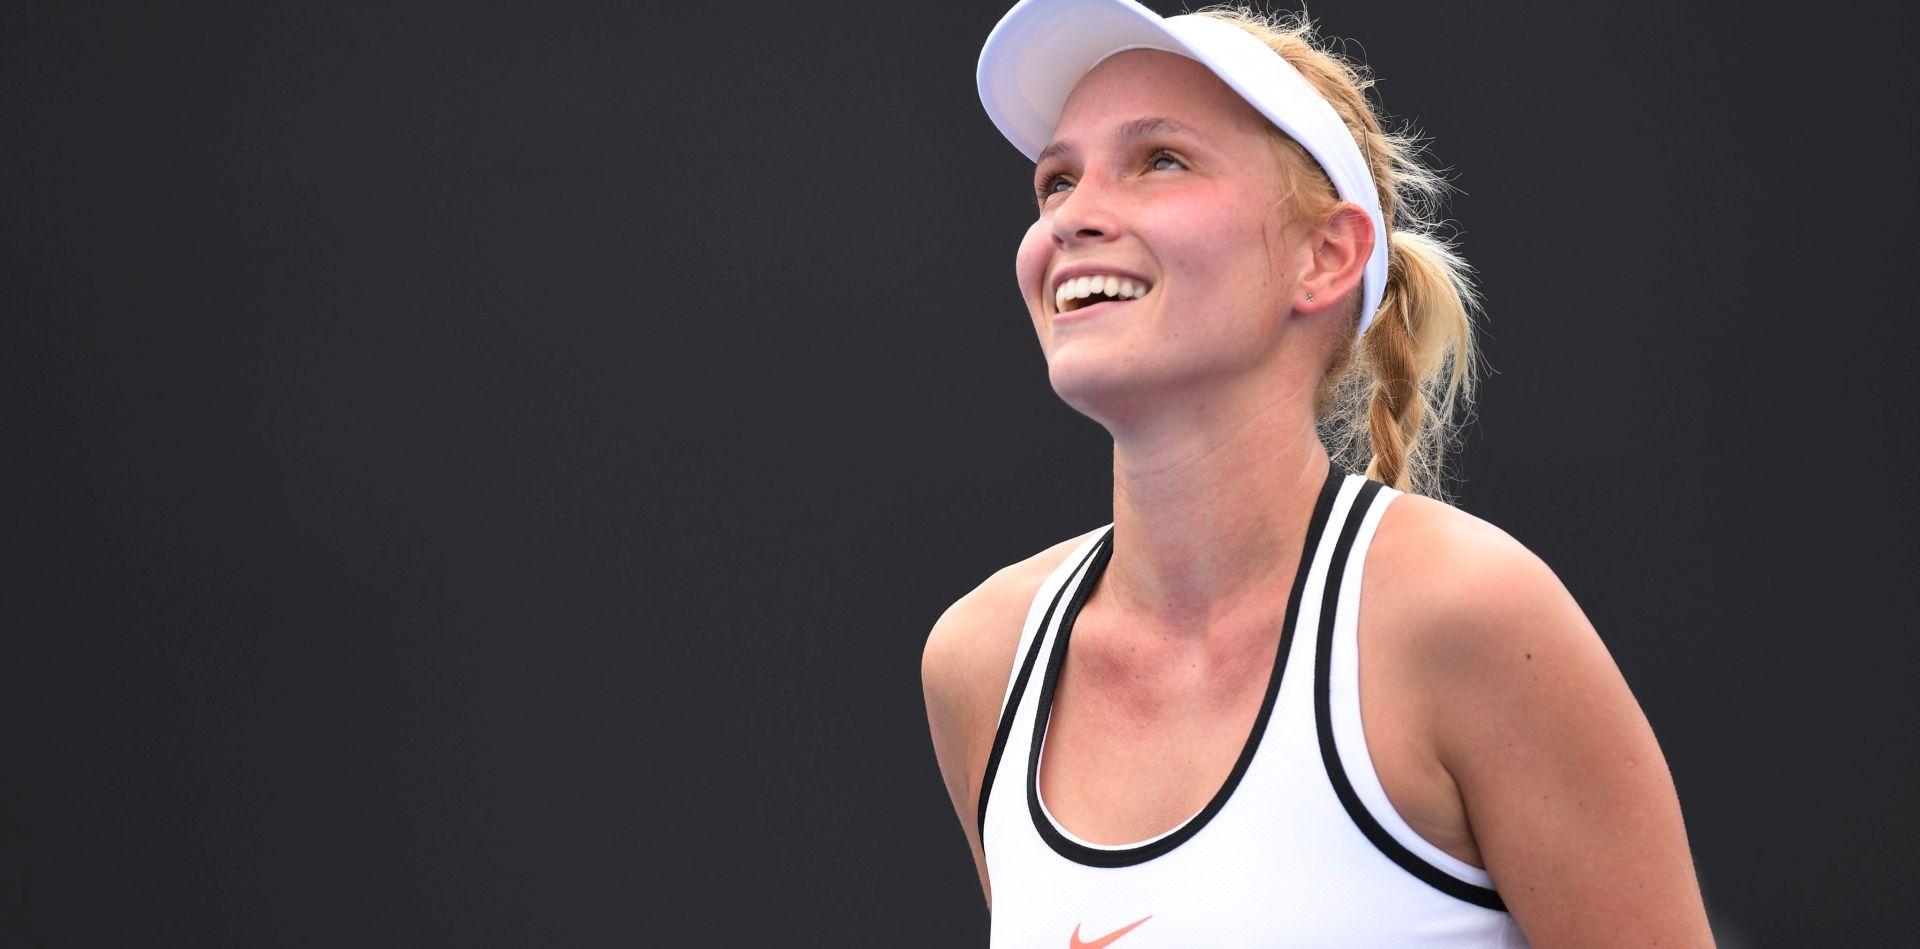 WTA LJESTVICA Vekić najbolje plasirana Hrvatica